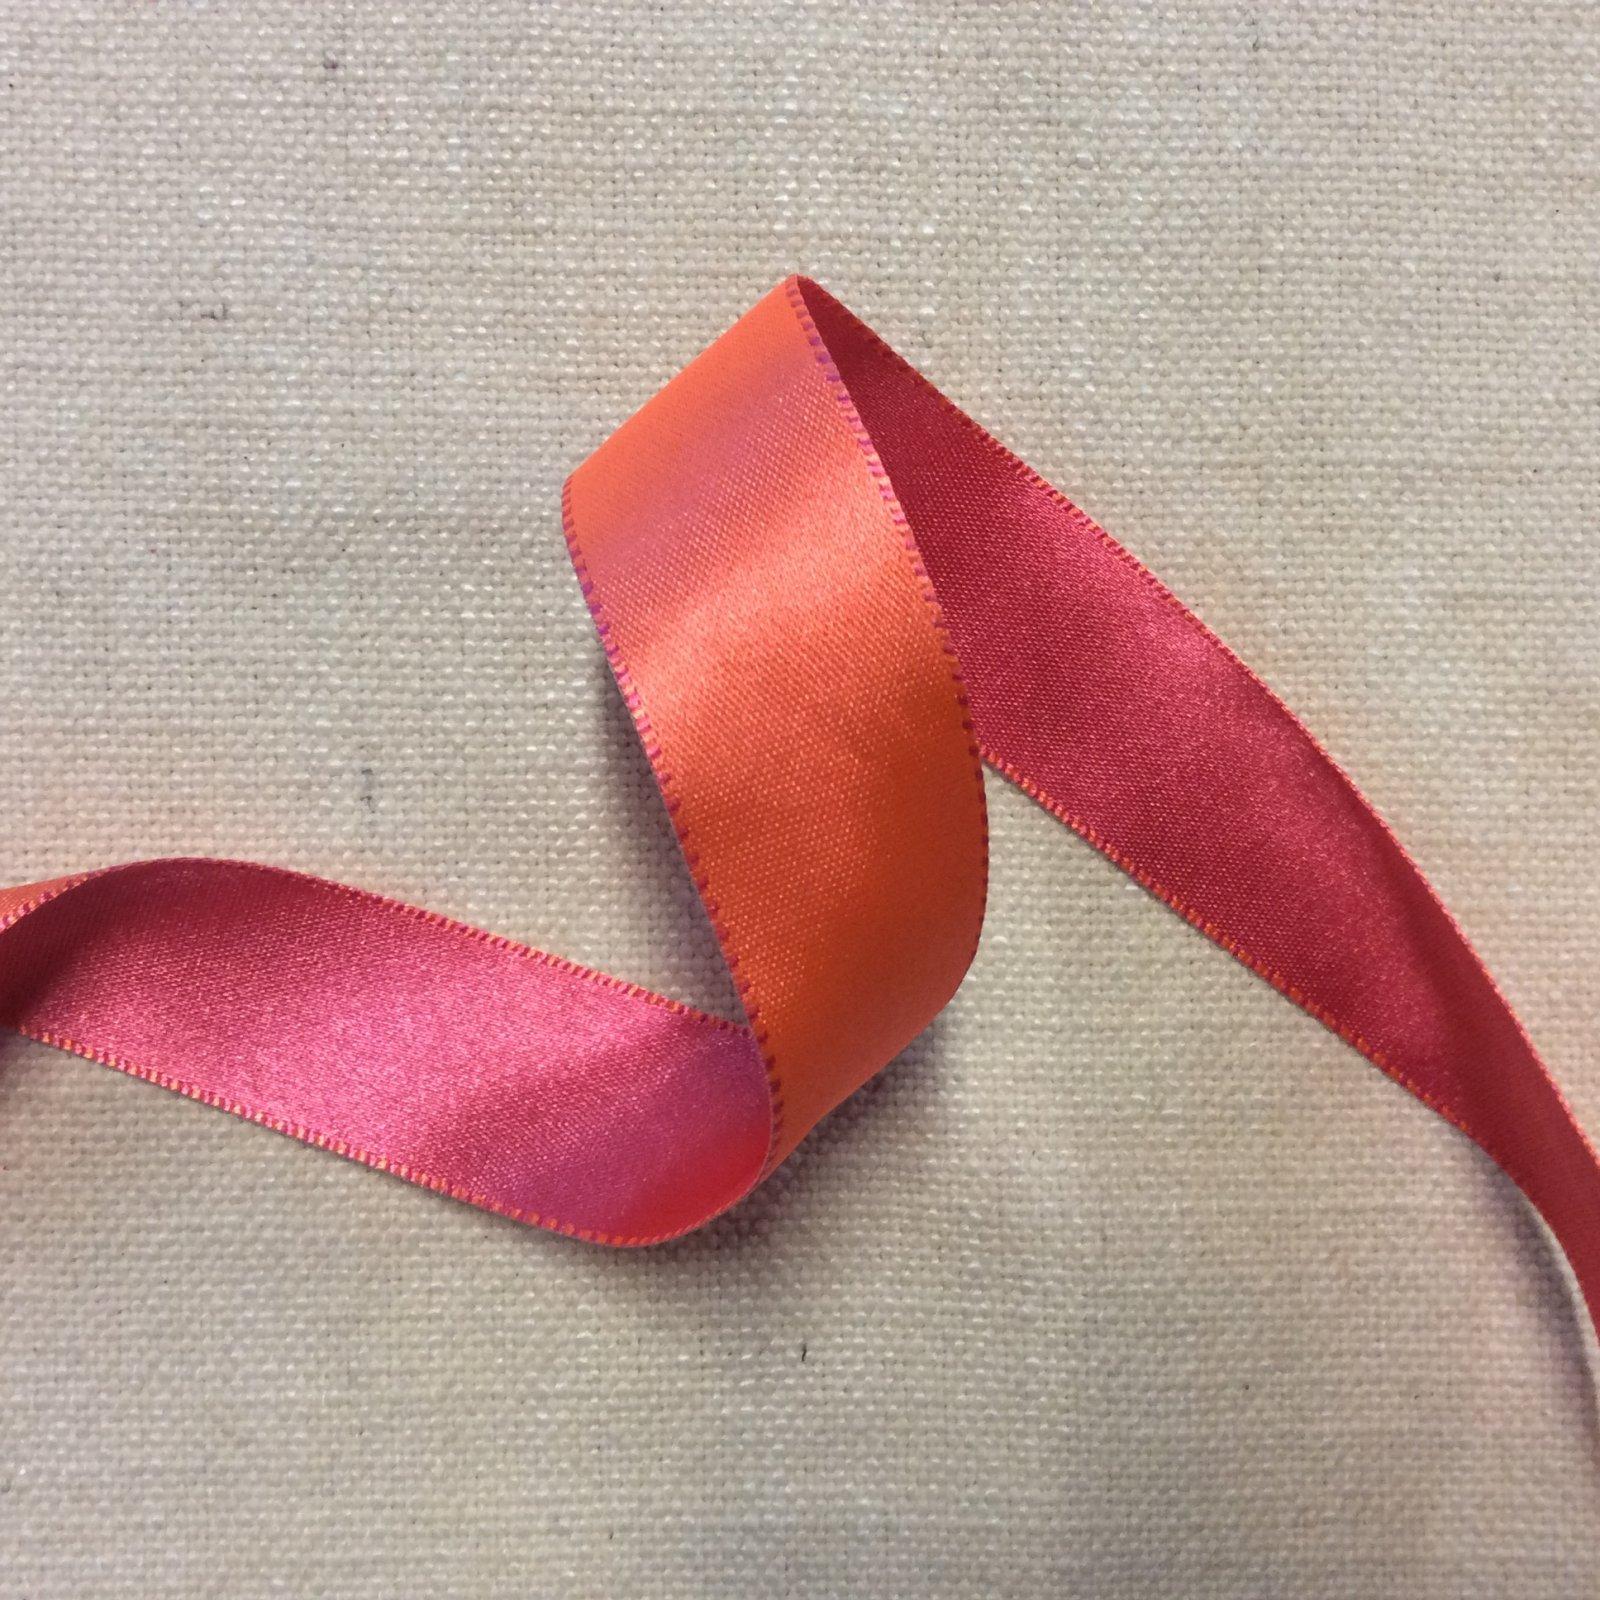 Reversible Satin Ribbon 1 Coral and Hot Pink Heavy Woven Trim Ribbon RIB1261